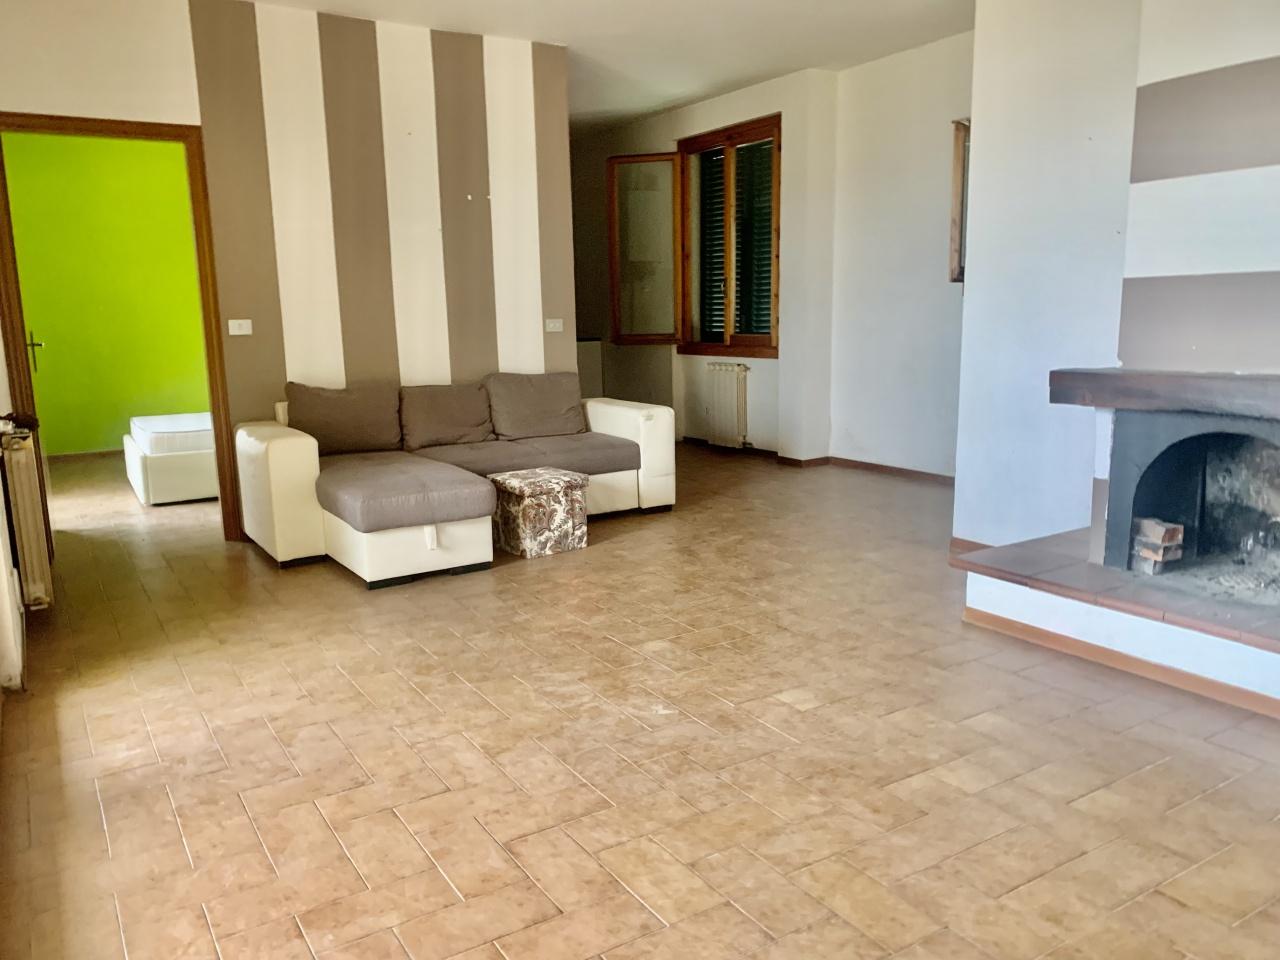 Appartamento in vendita a Pontassieve, 5 locali, prezzo € 250.000   PortaleAgenzieImmobiliari.it